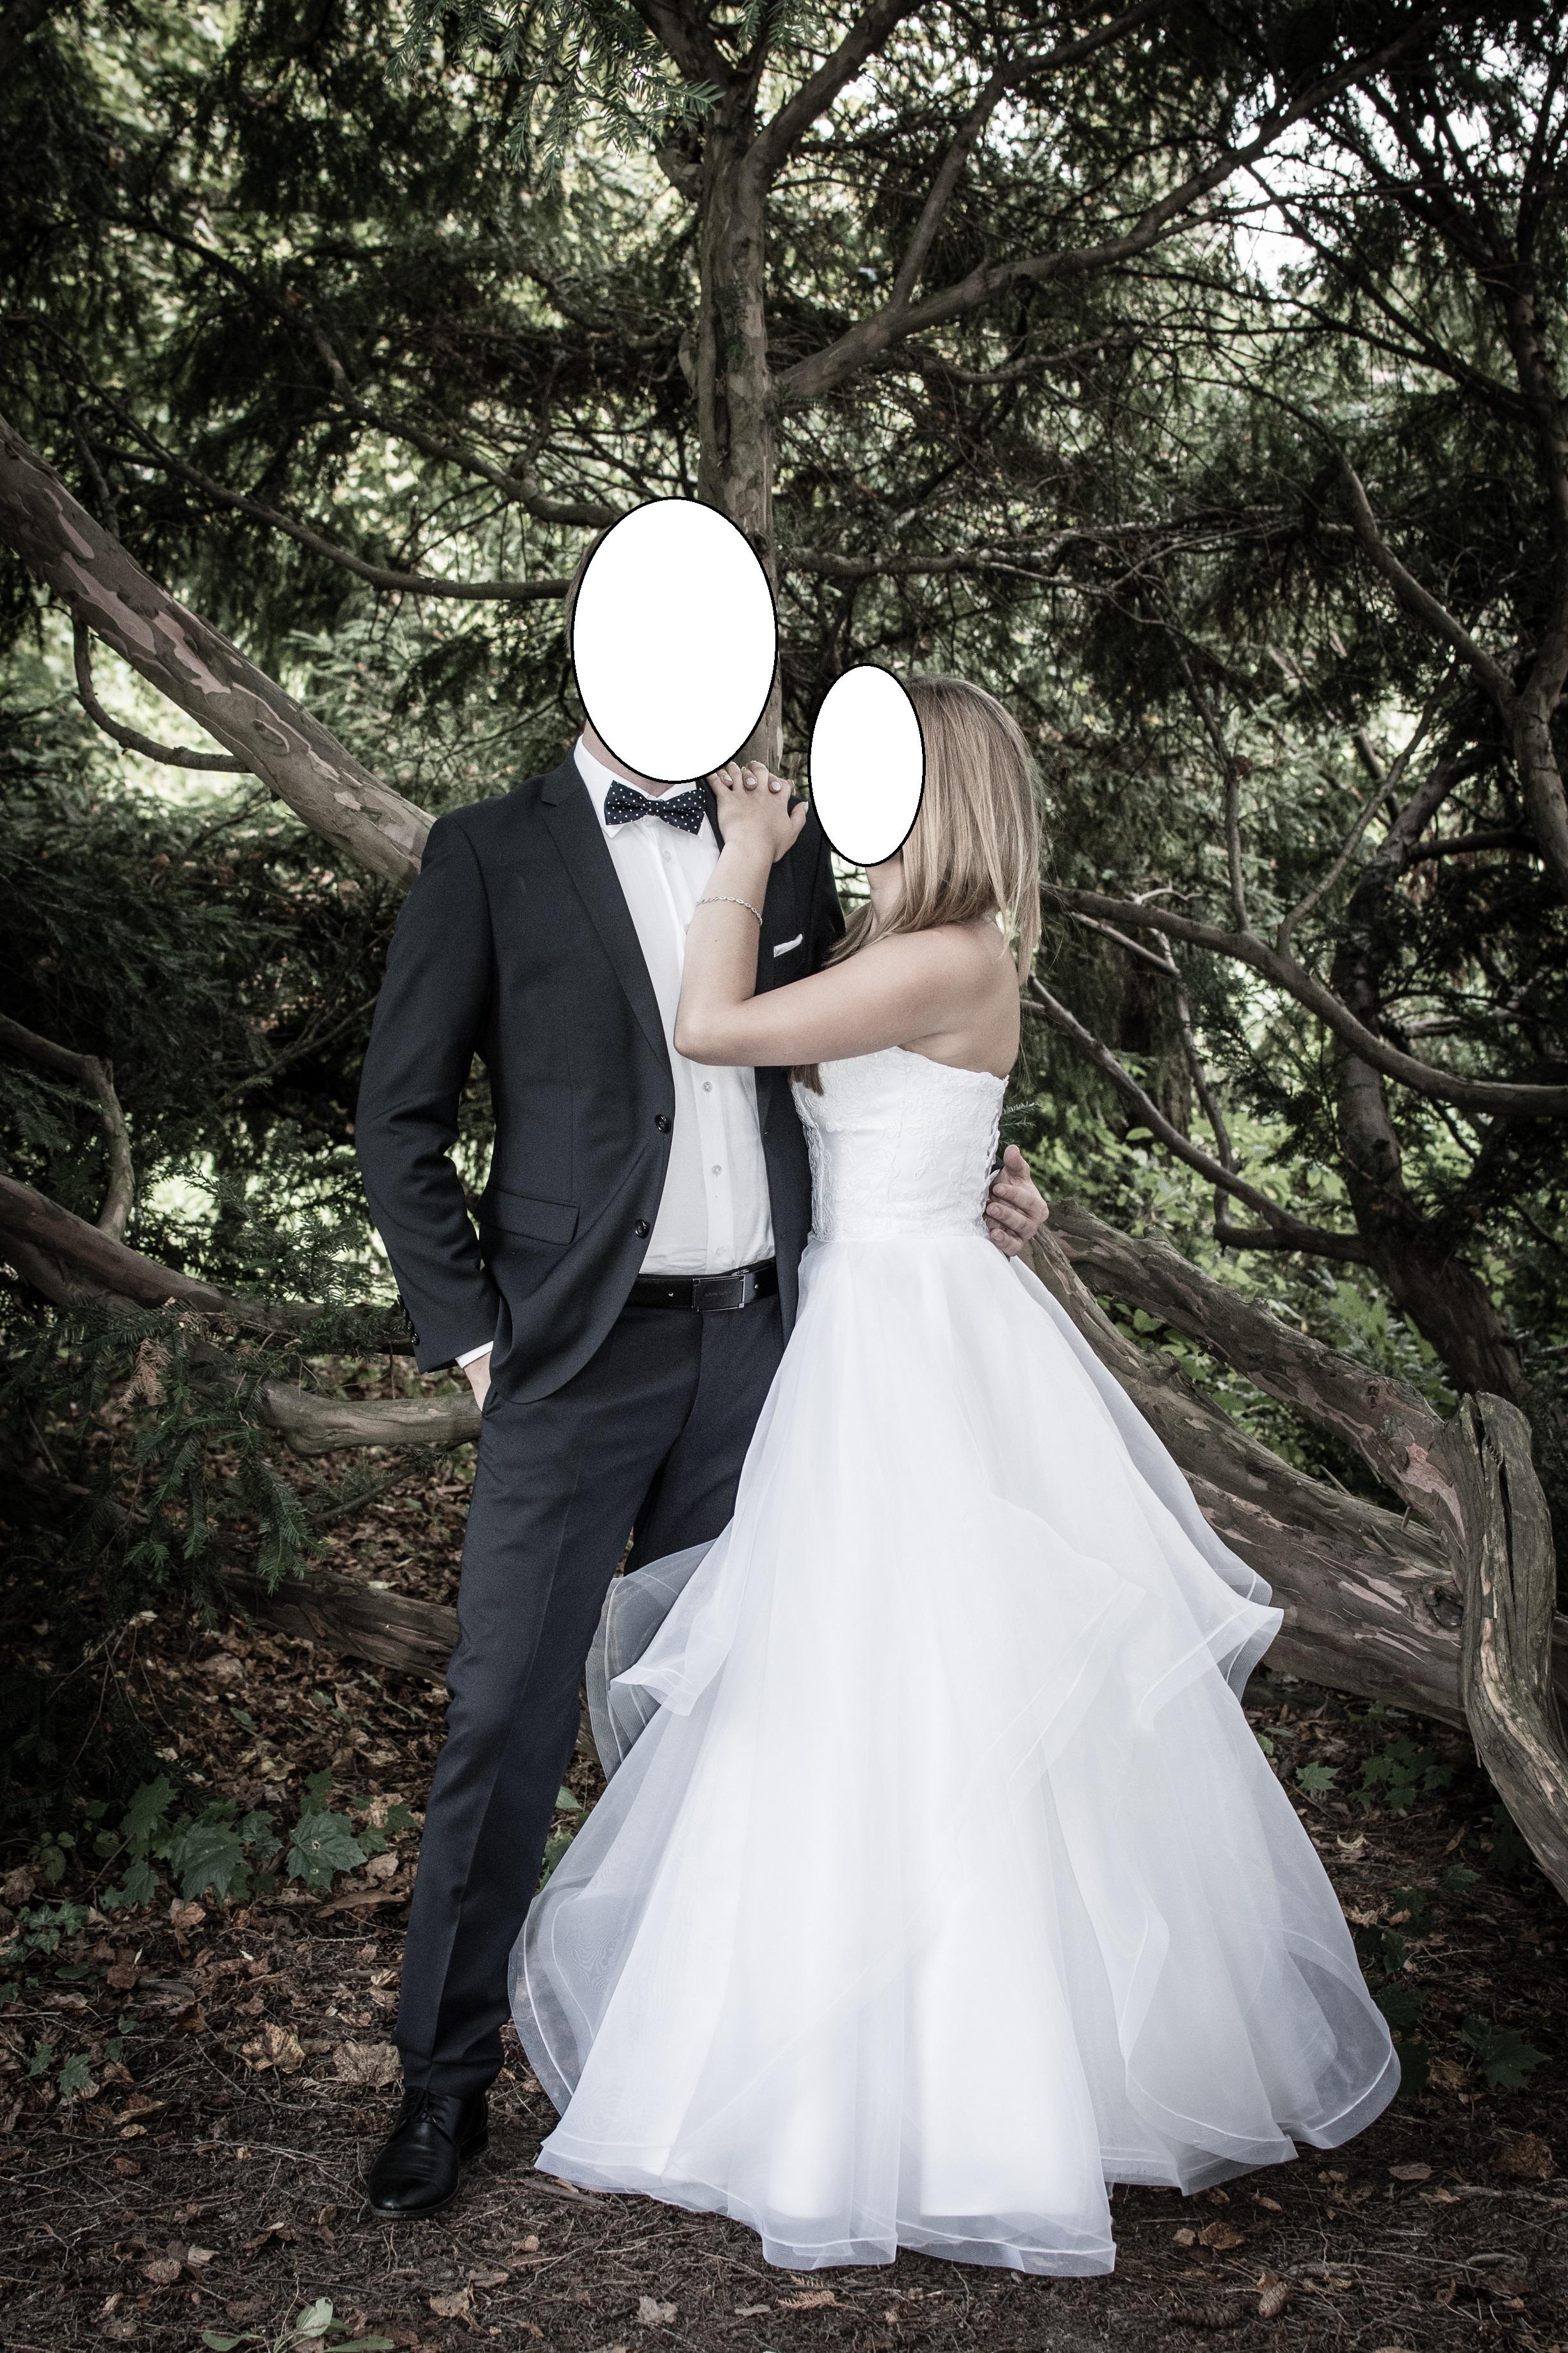 22e2187332 Komis sukien ślubnych. Ponad 1000 ofert sukni ślubnych - 57 246